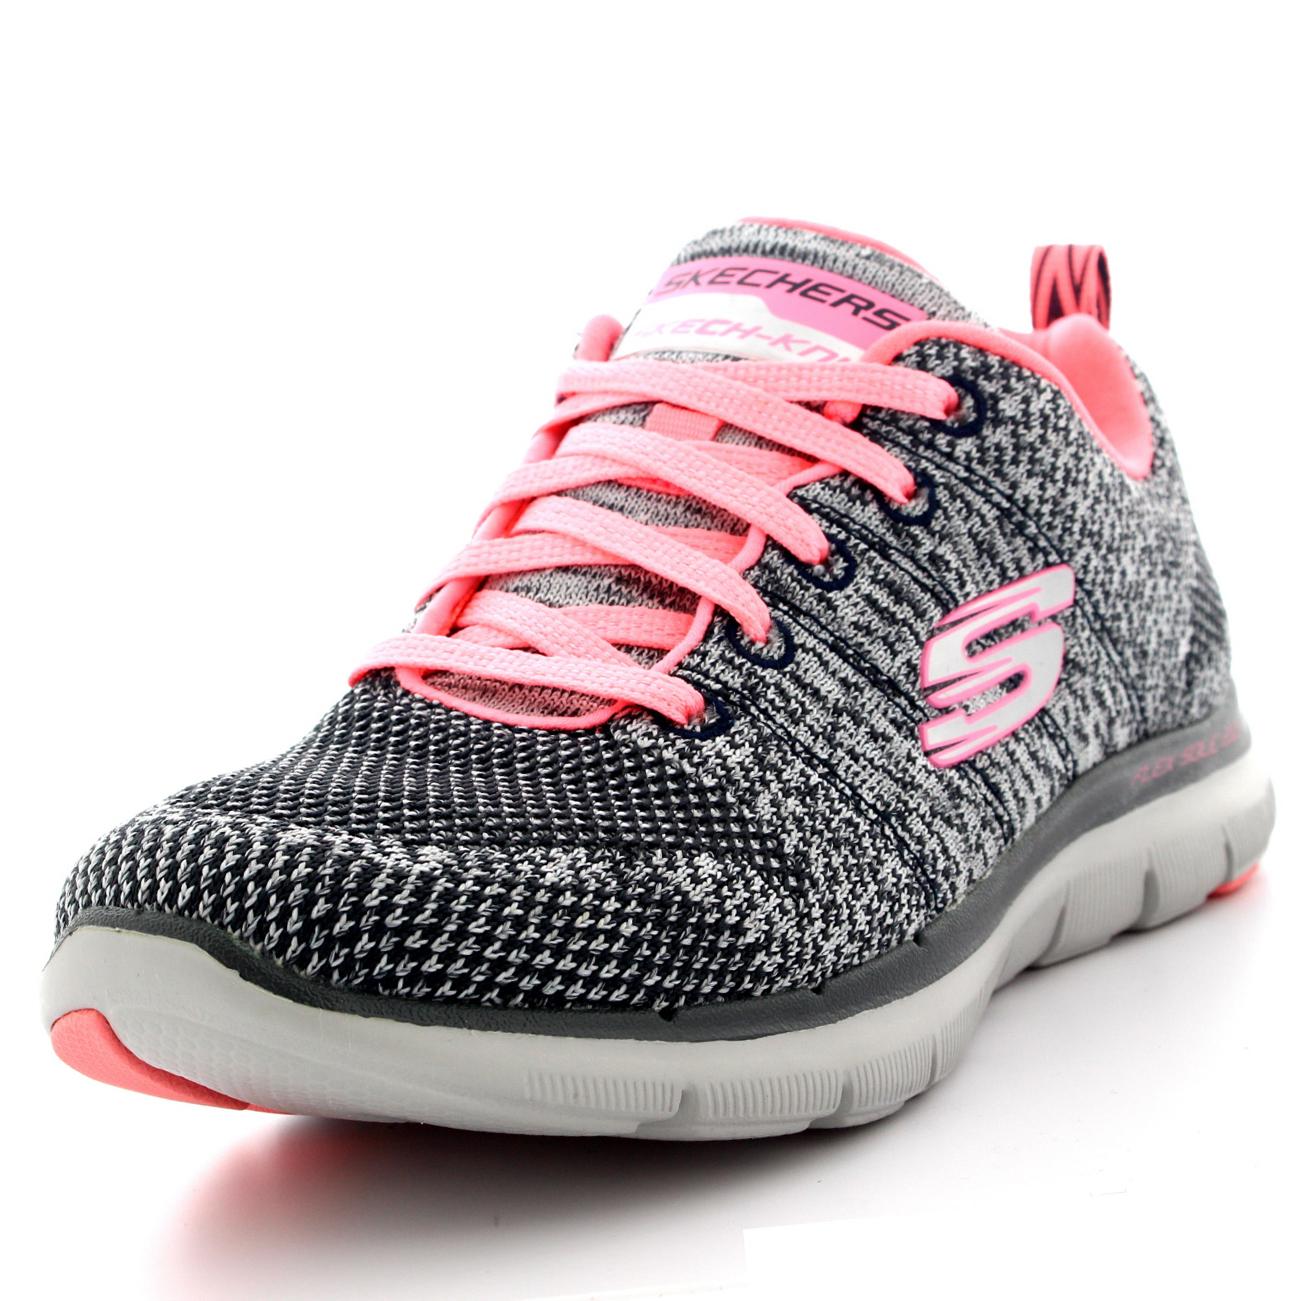 1705ff92c Womens Skechers Flex Appeal 2.0 High Energy Running Gym Walking Sneakers US  6-11